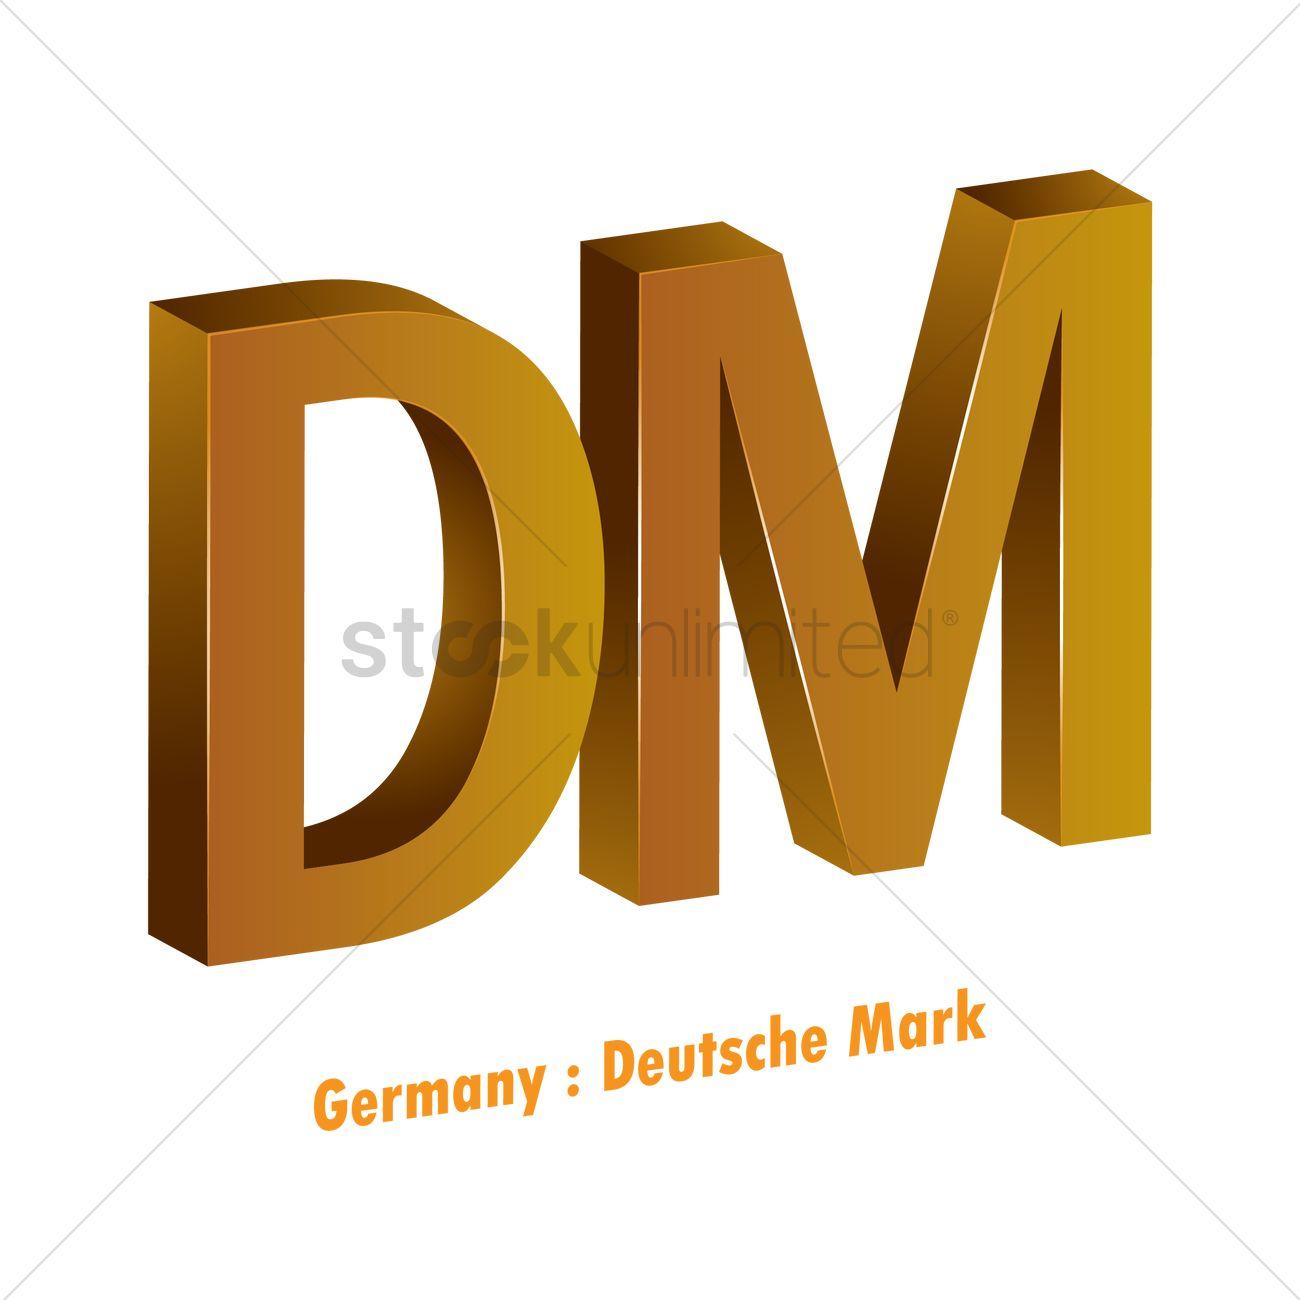 Deutsche Mark Currency Symbol Vector Image 1821608 Stockunlimited